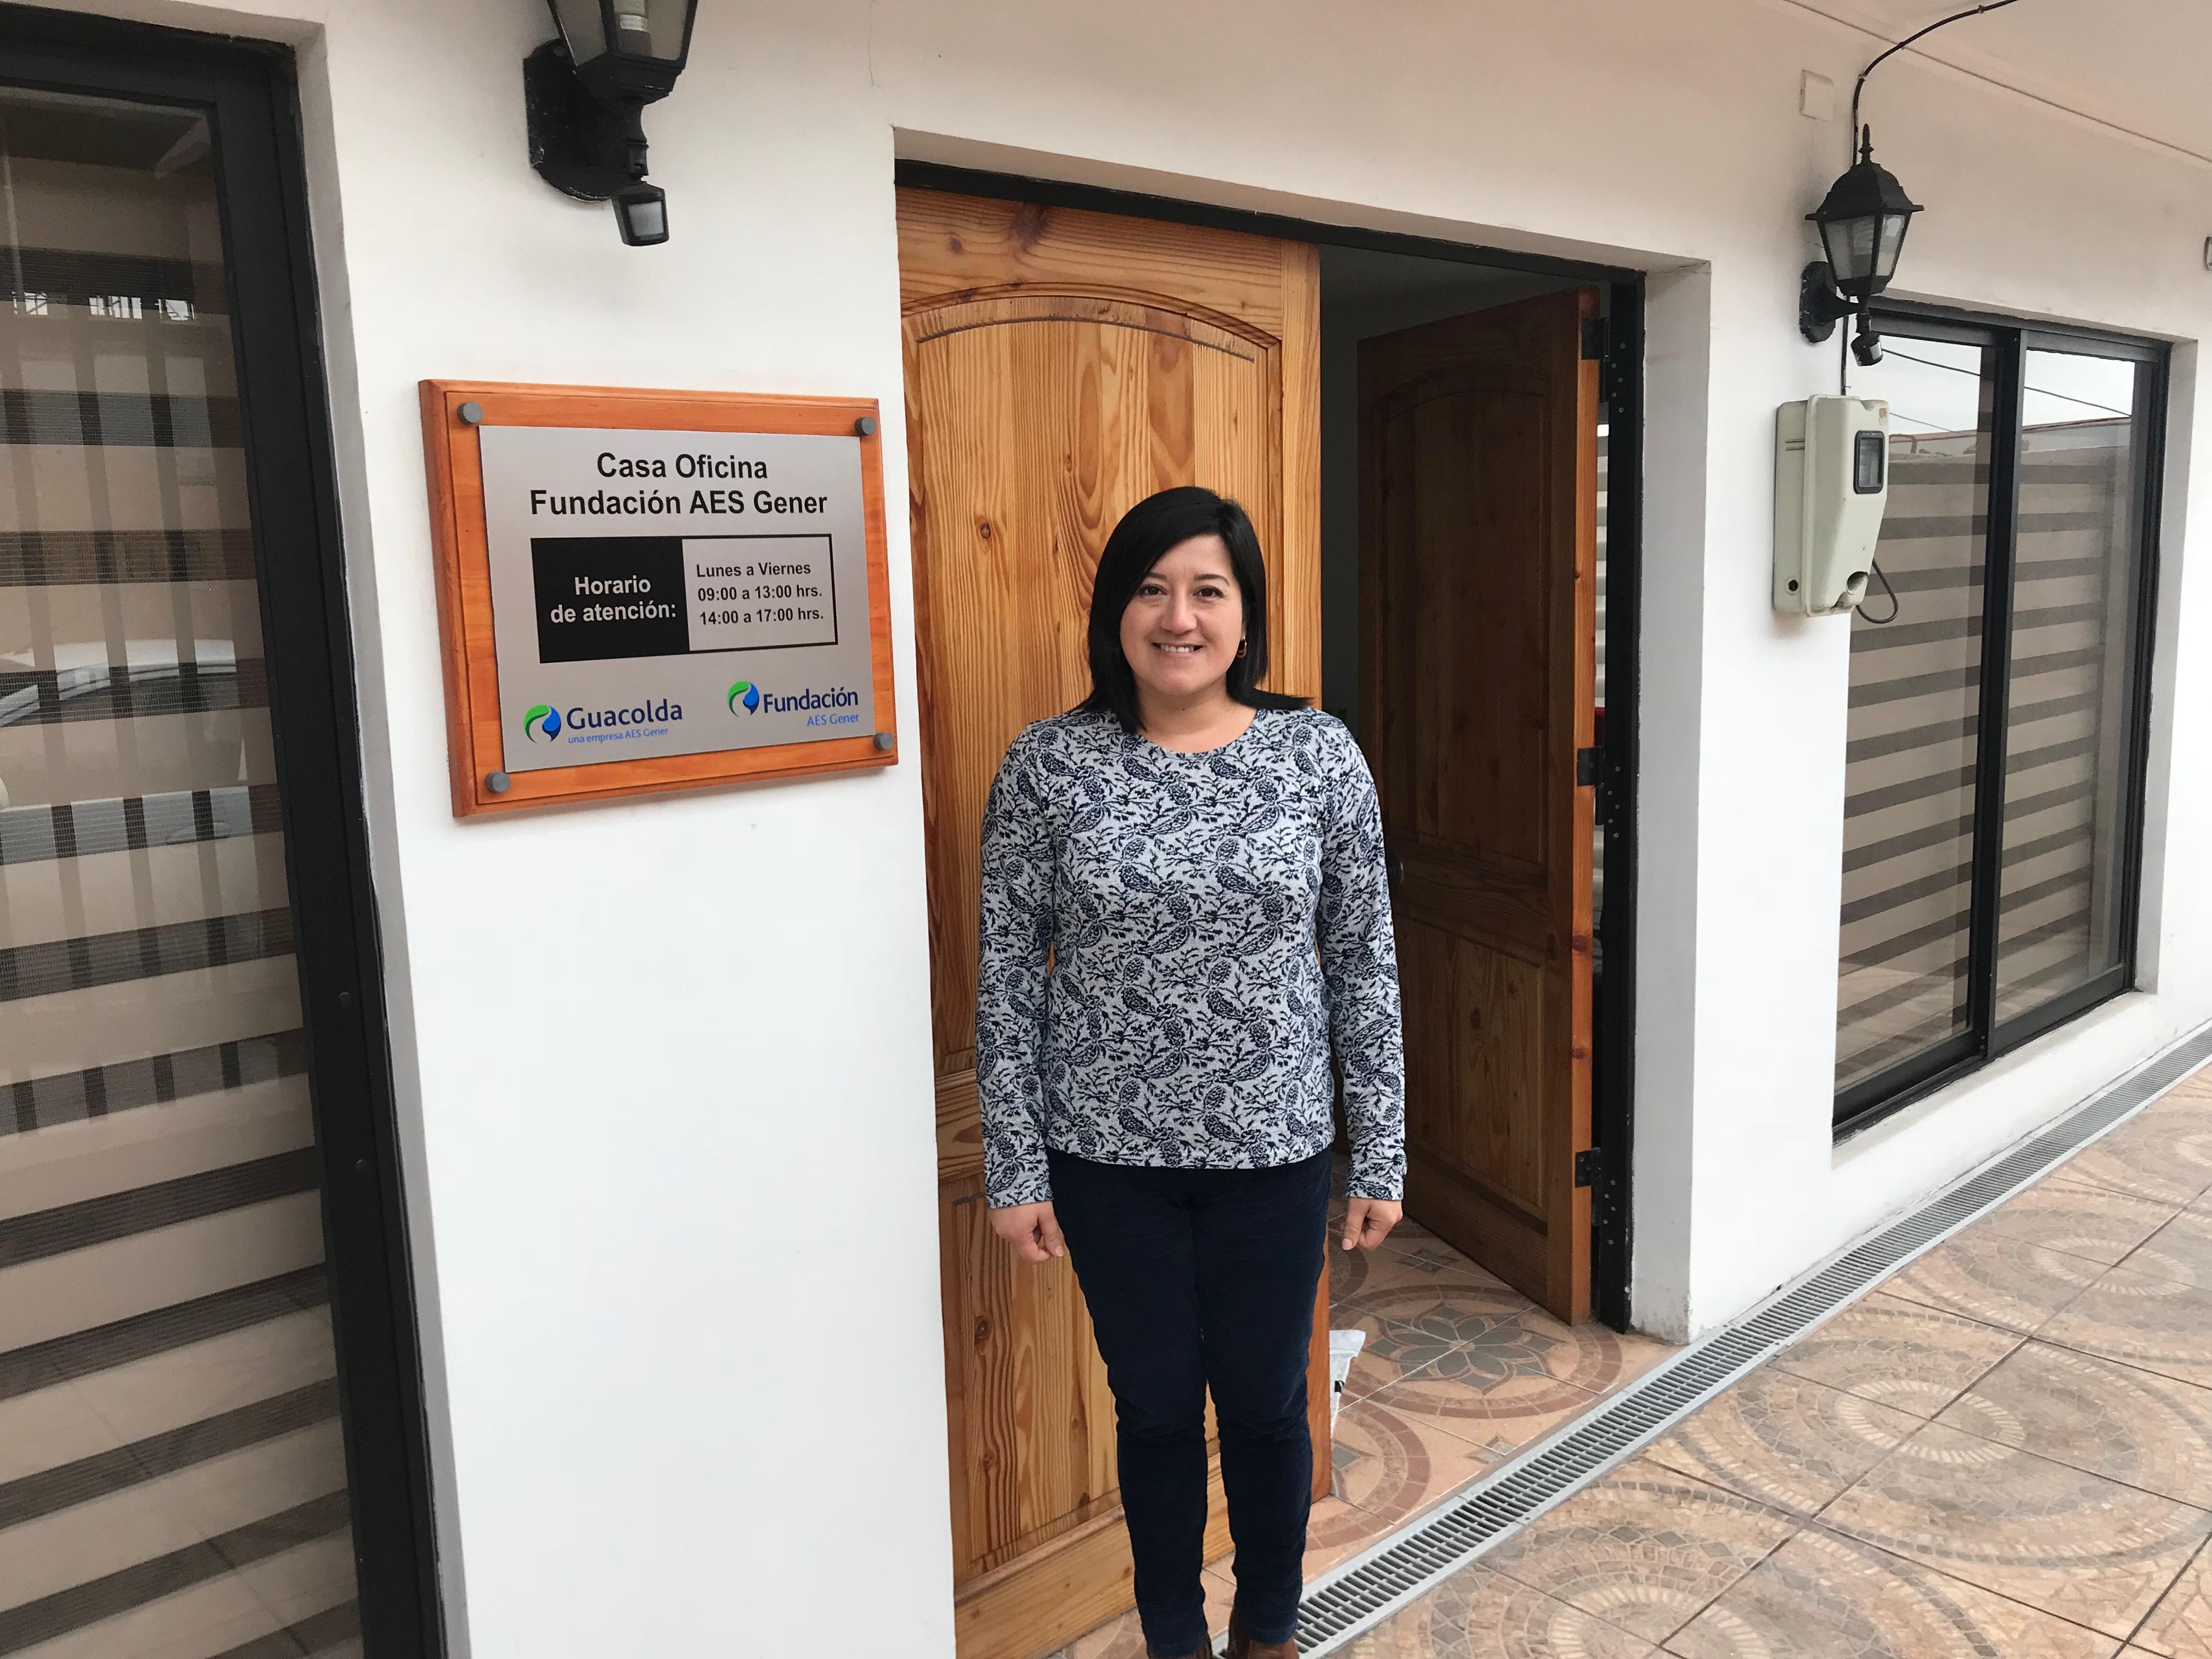 Oficina comunitaria de AES Gener cumple un año de funcionamiento en Huasco